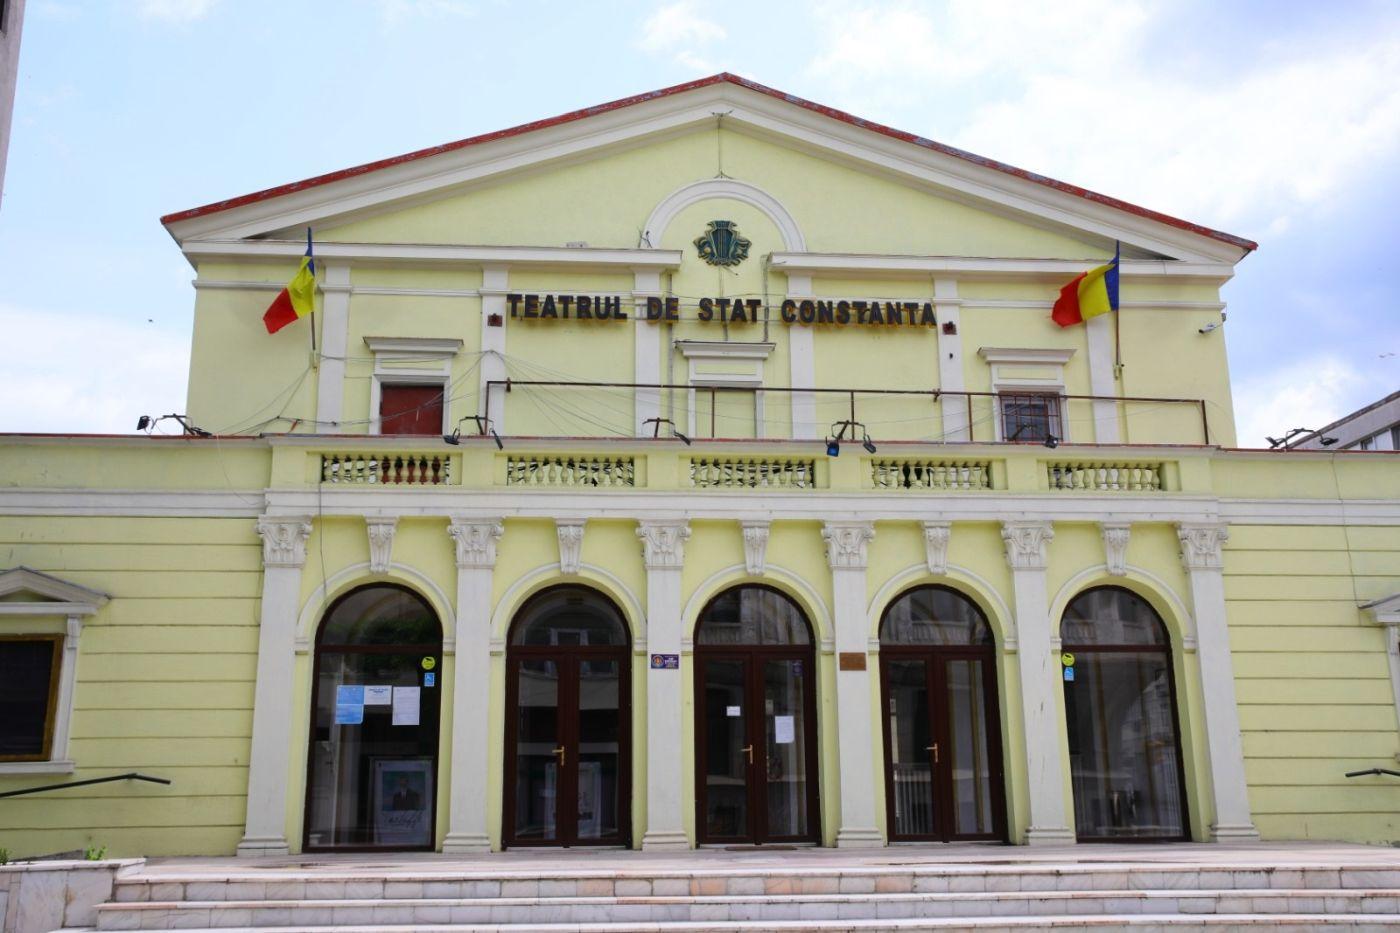 teatrul de stat constanta (2)